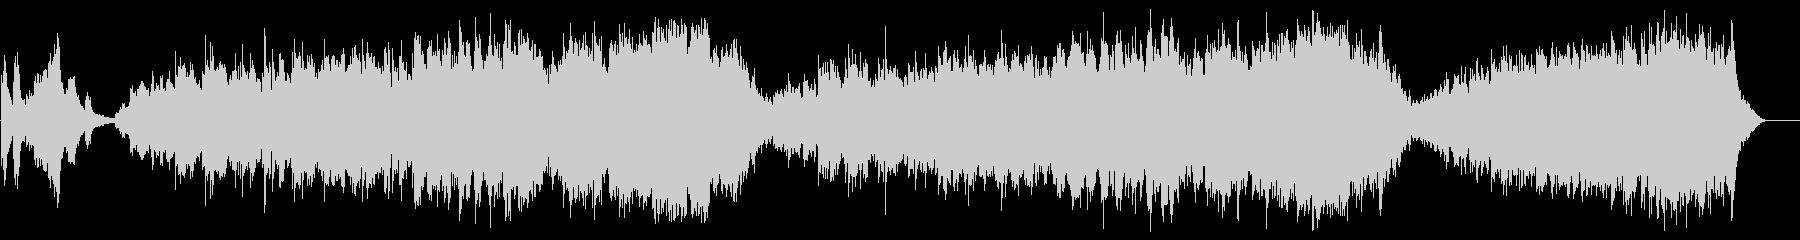 リラクセイション系 精神安定サウンドの未再生の波形